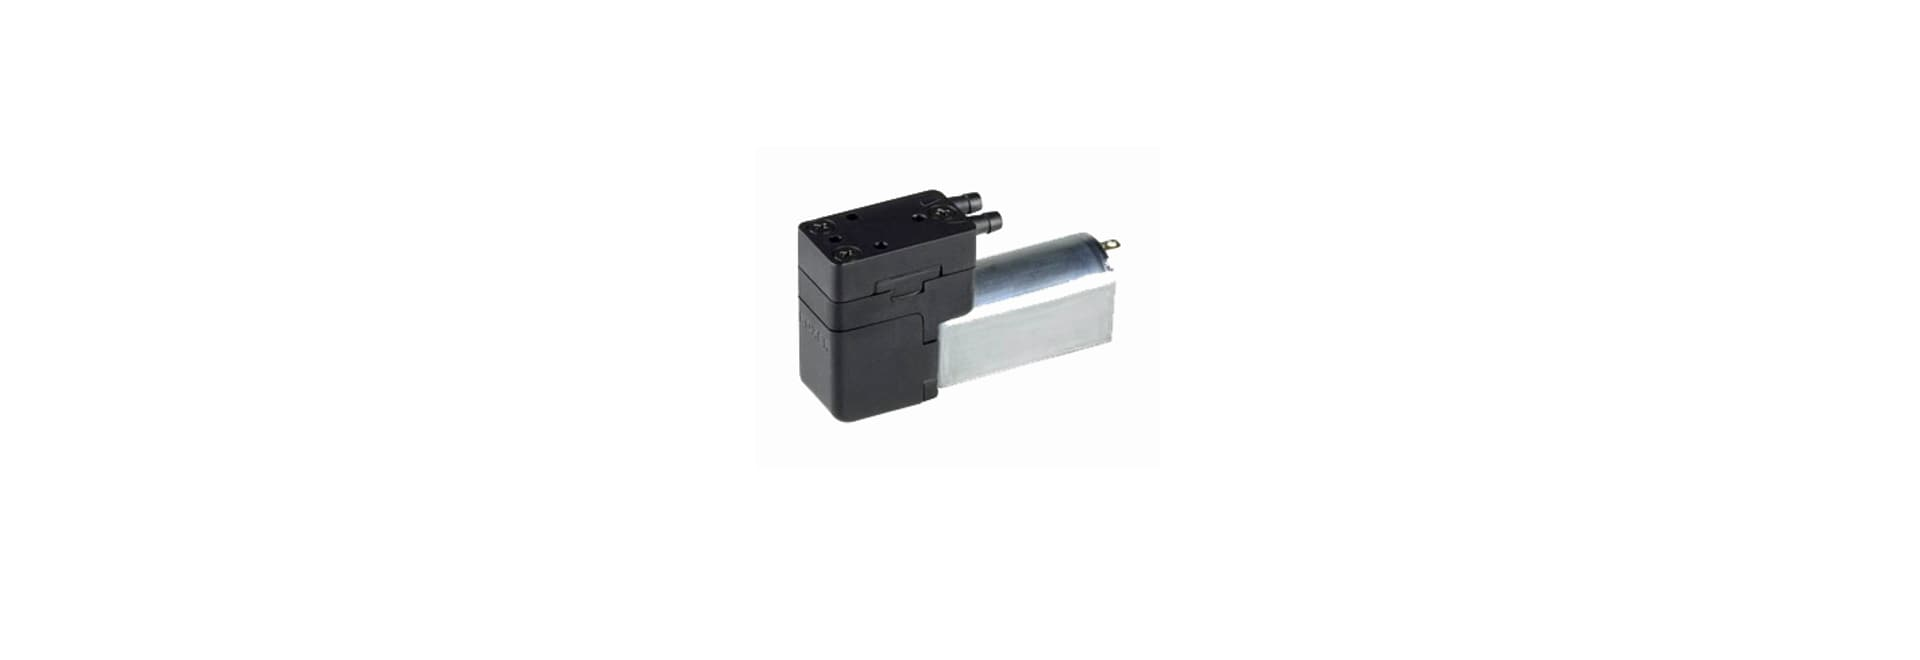 Miniature Diaphragm Pumps Boxer 20K Series